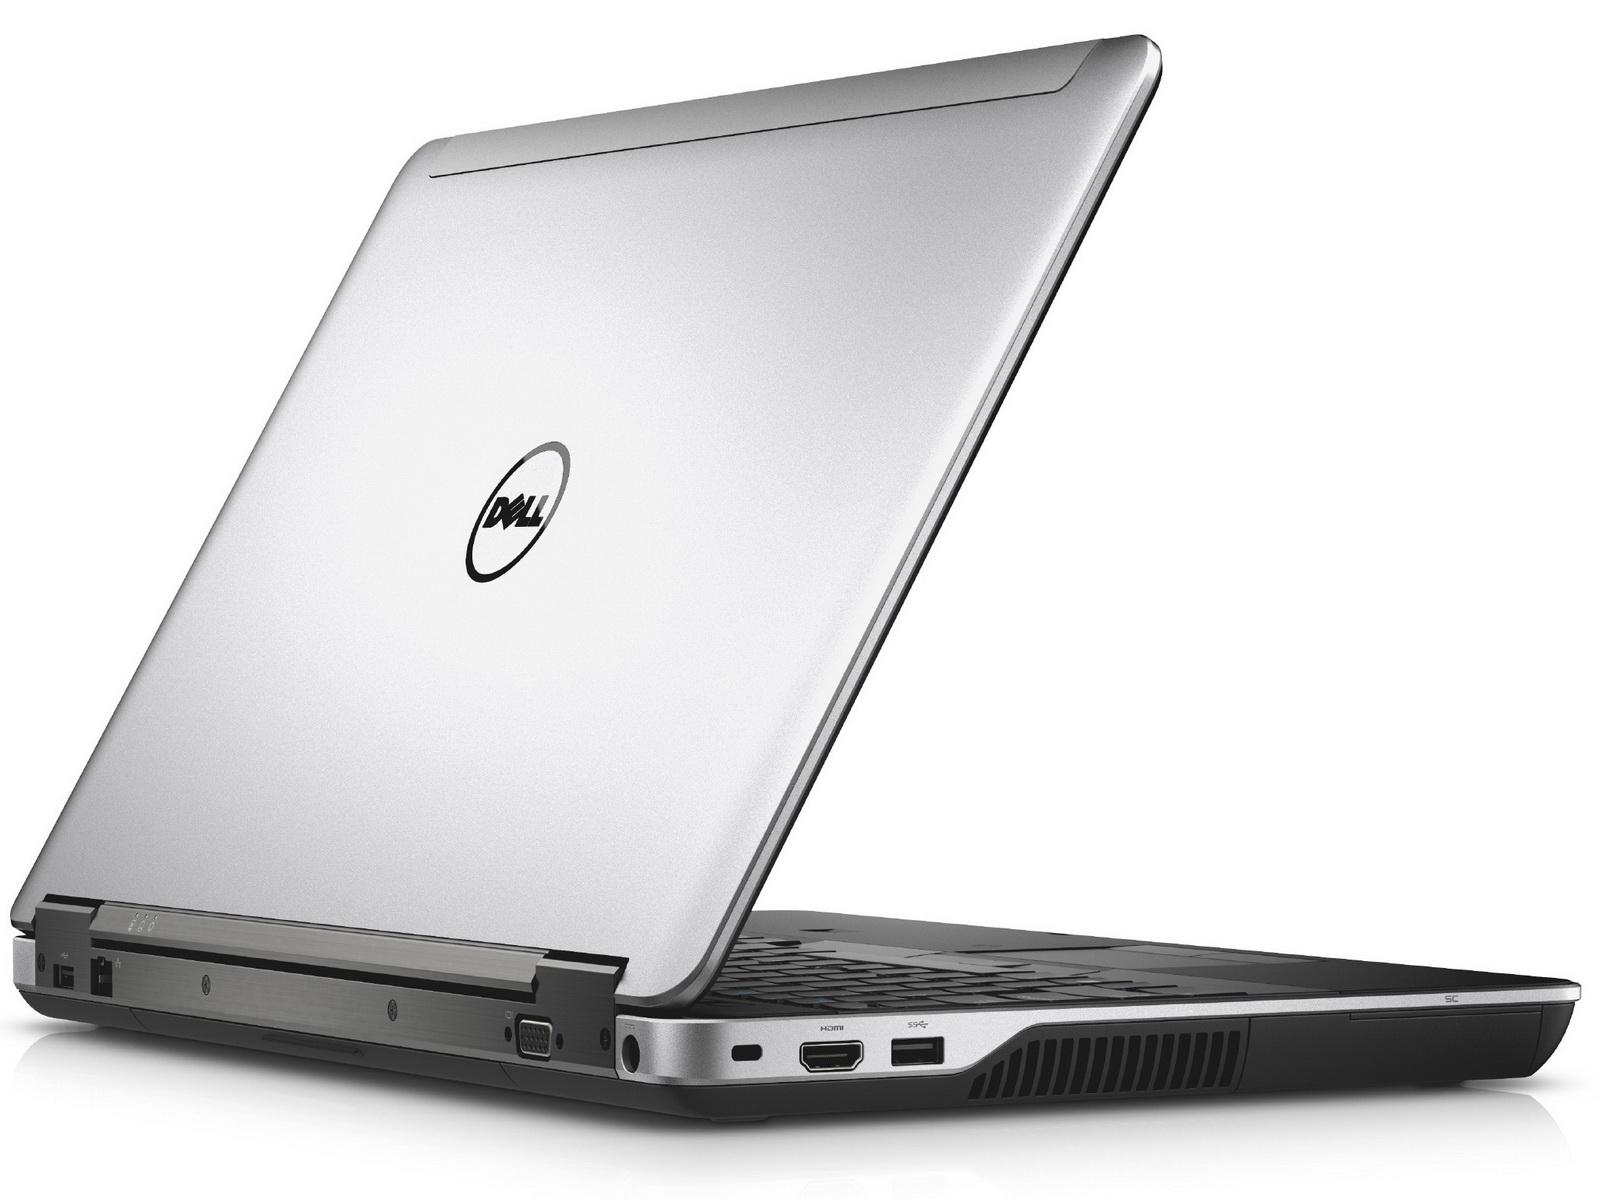 Đánh giá thiết kế của Dell Latitude E6540